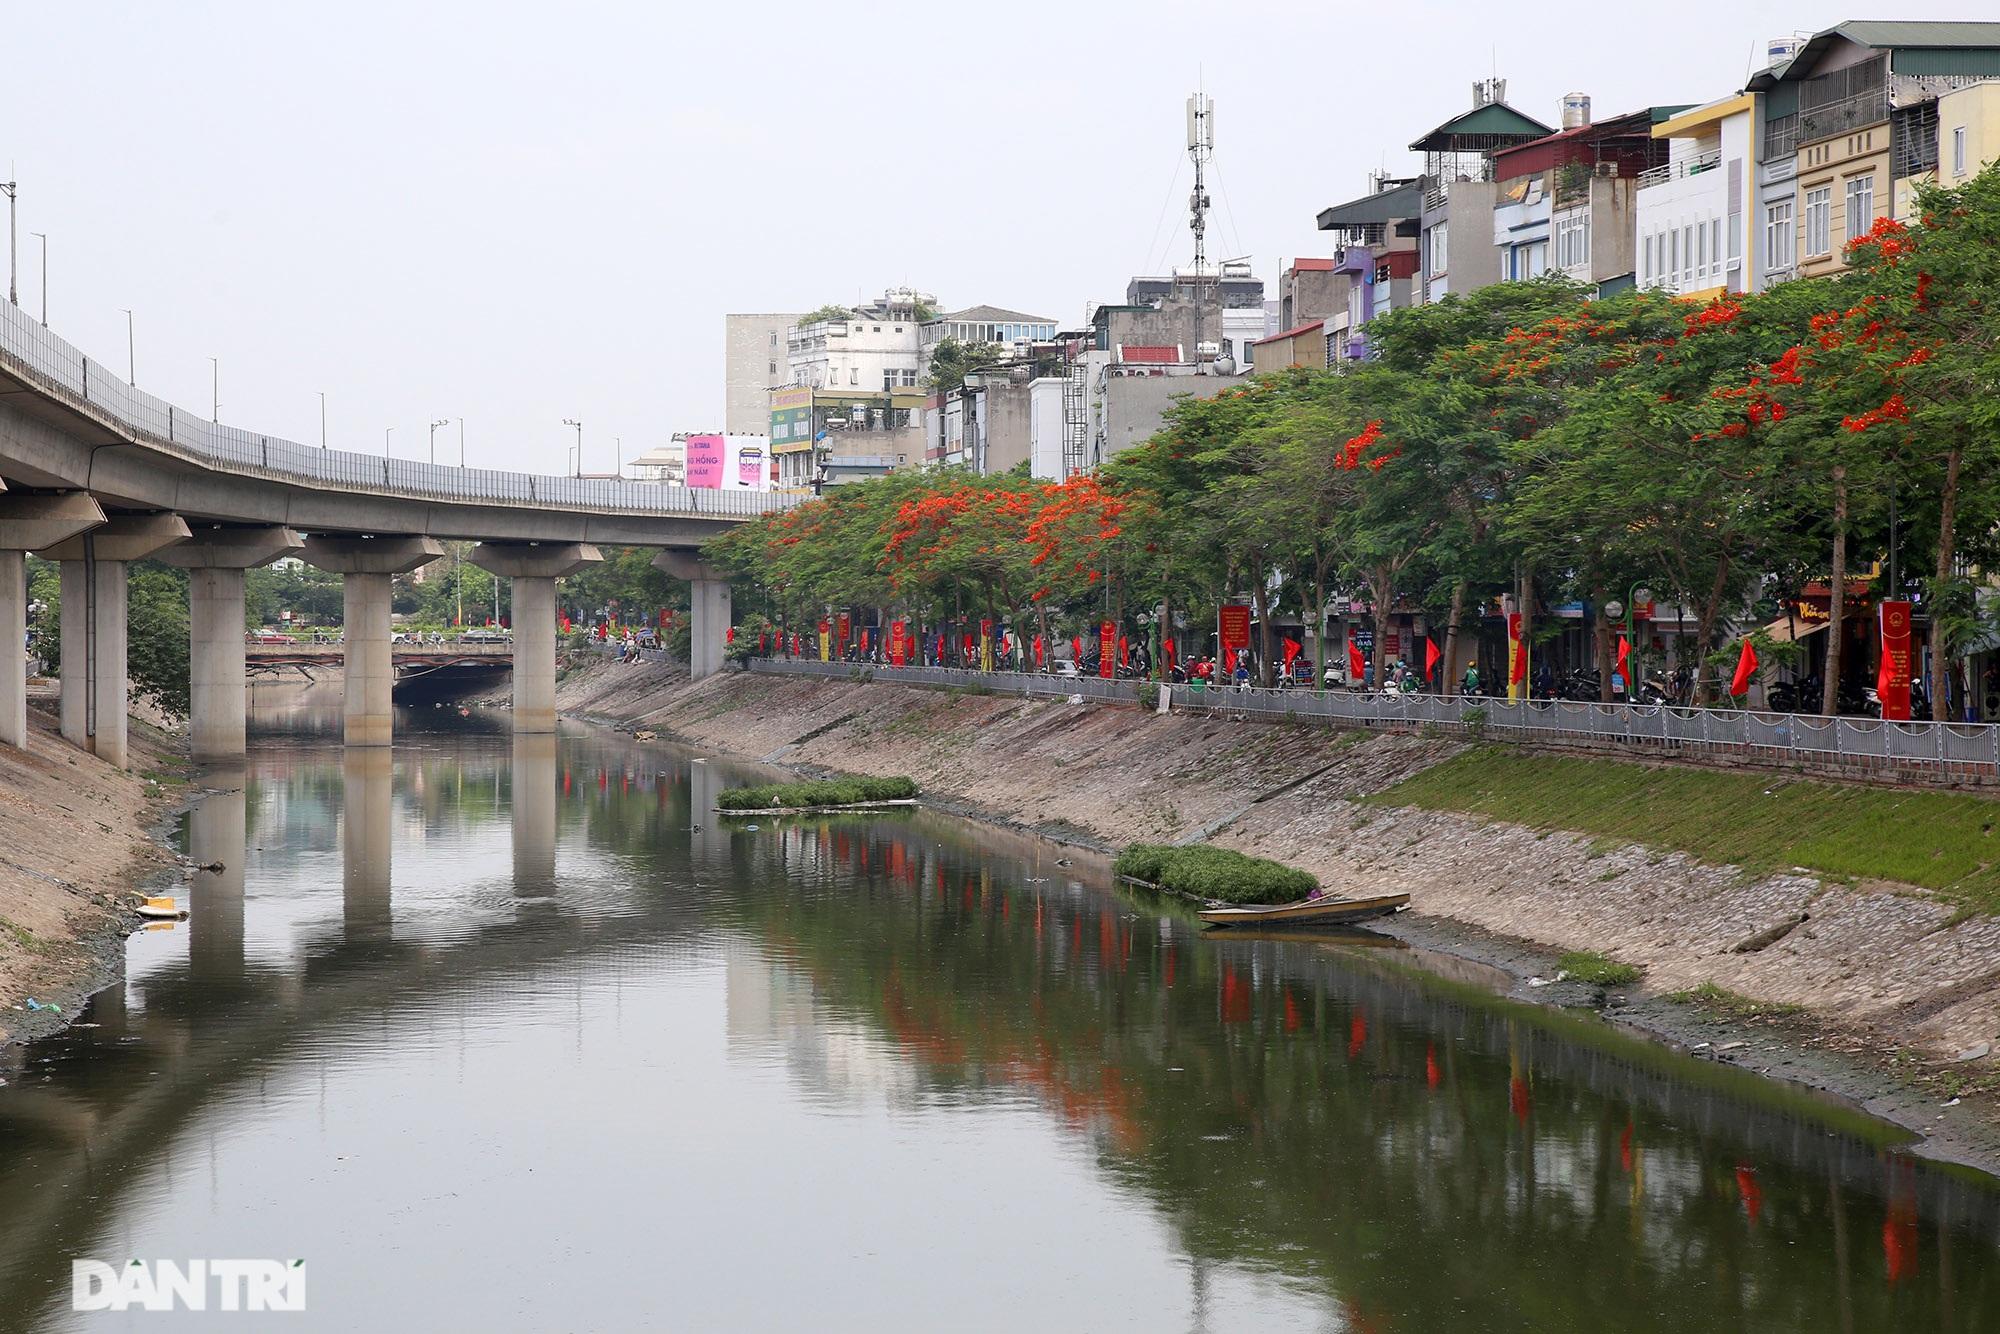 Mùa hoa phượng vĩ bắt đầu nở đẹp khắp phố phường Hà Nội - 14